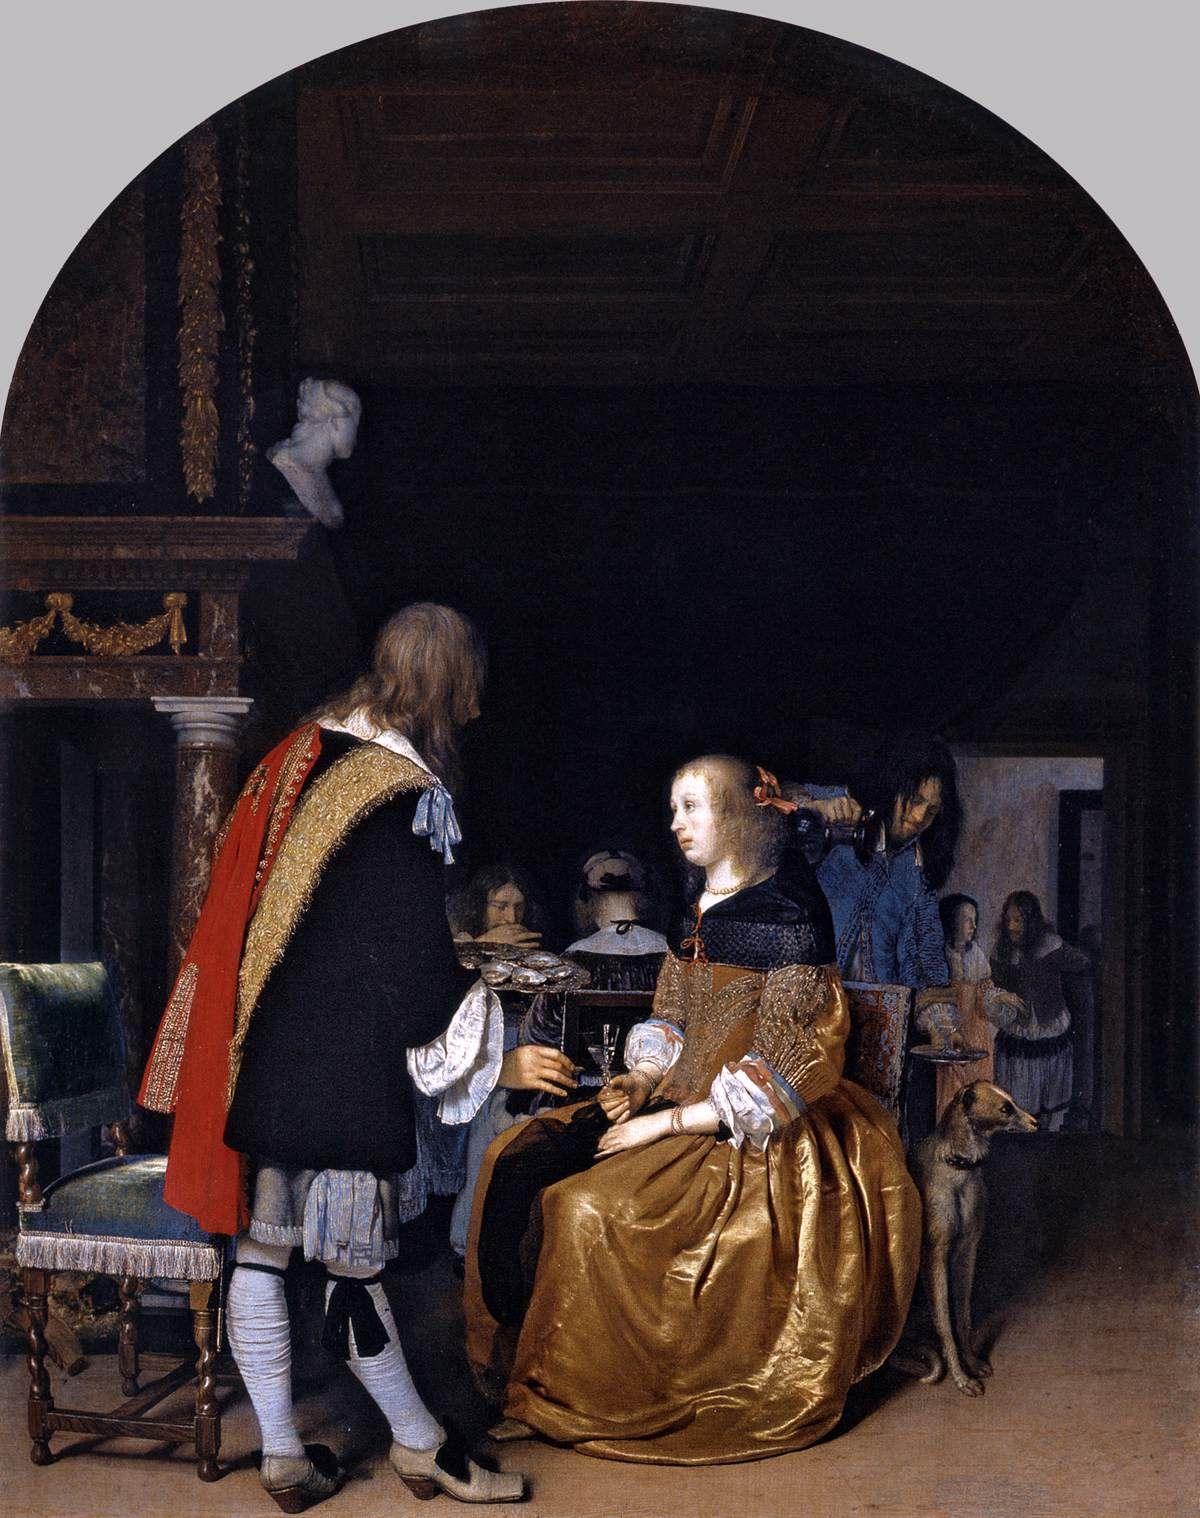 MIERIS, Frans van, the Elder Oyster Eaters 1659